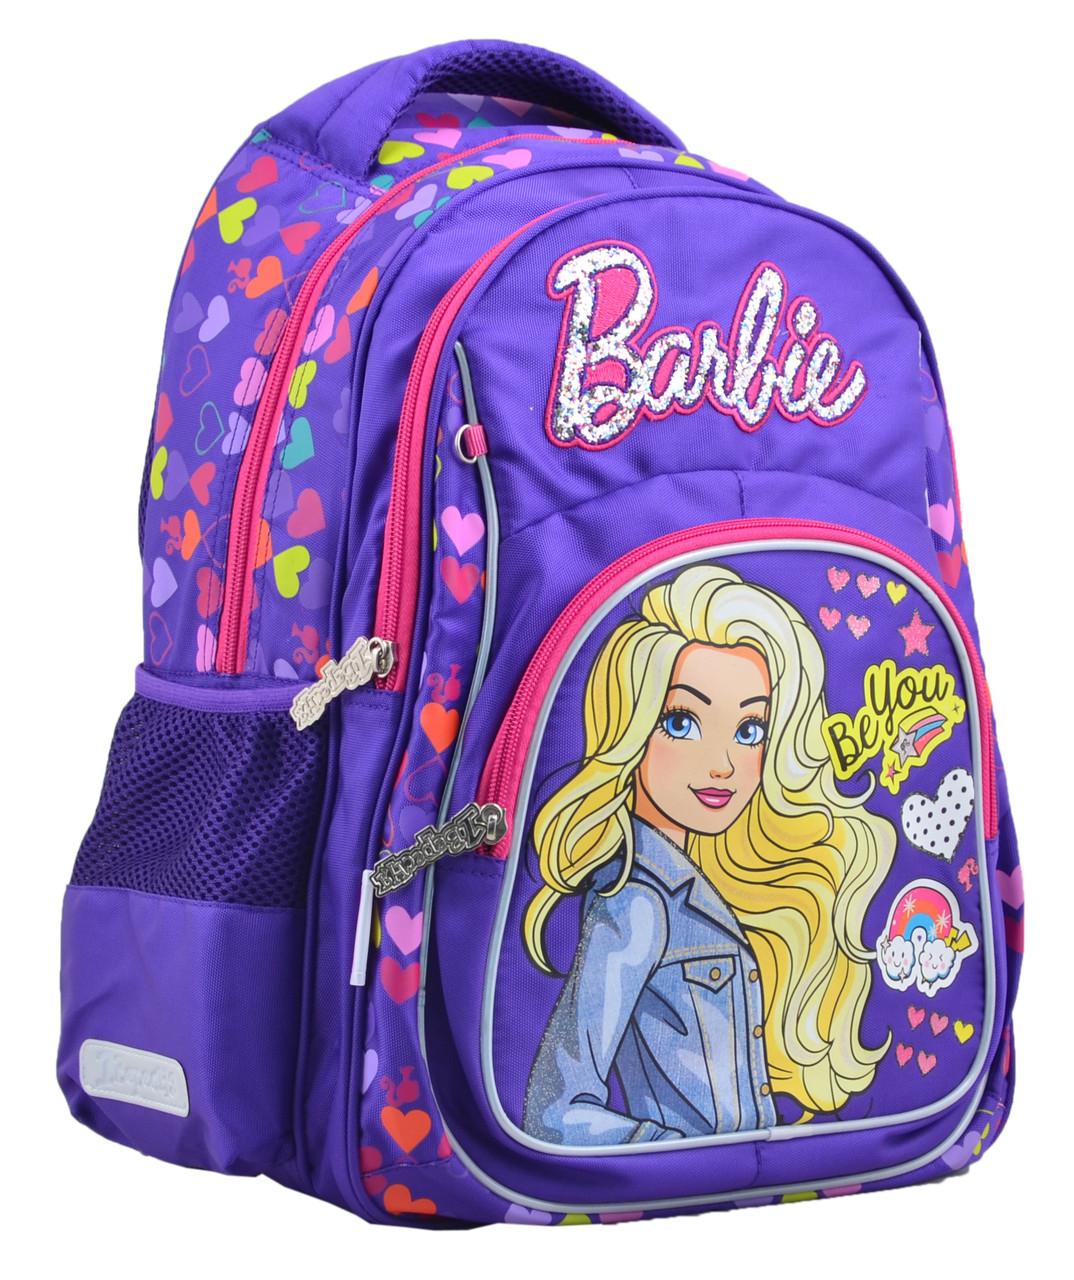 Рюкзак школьный S-21 Barbie 555267, фото 1